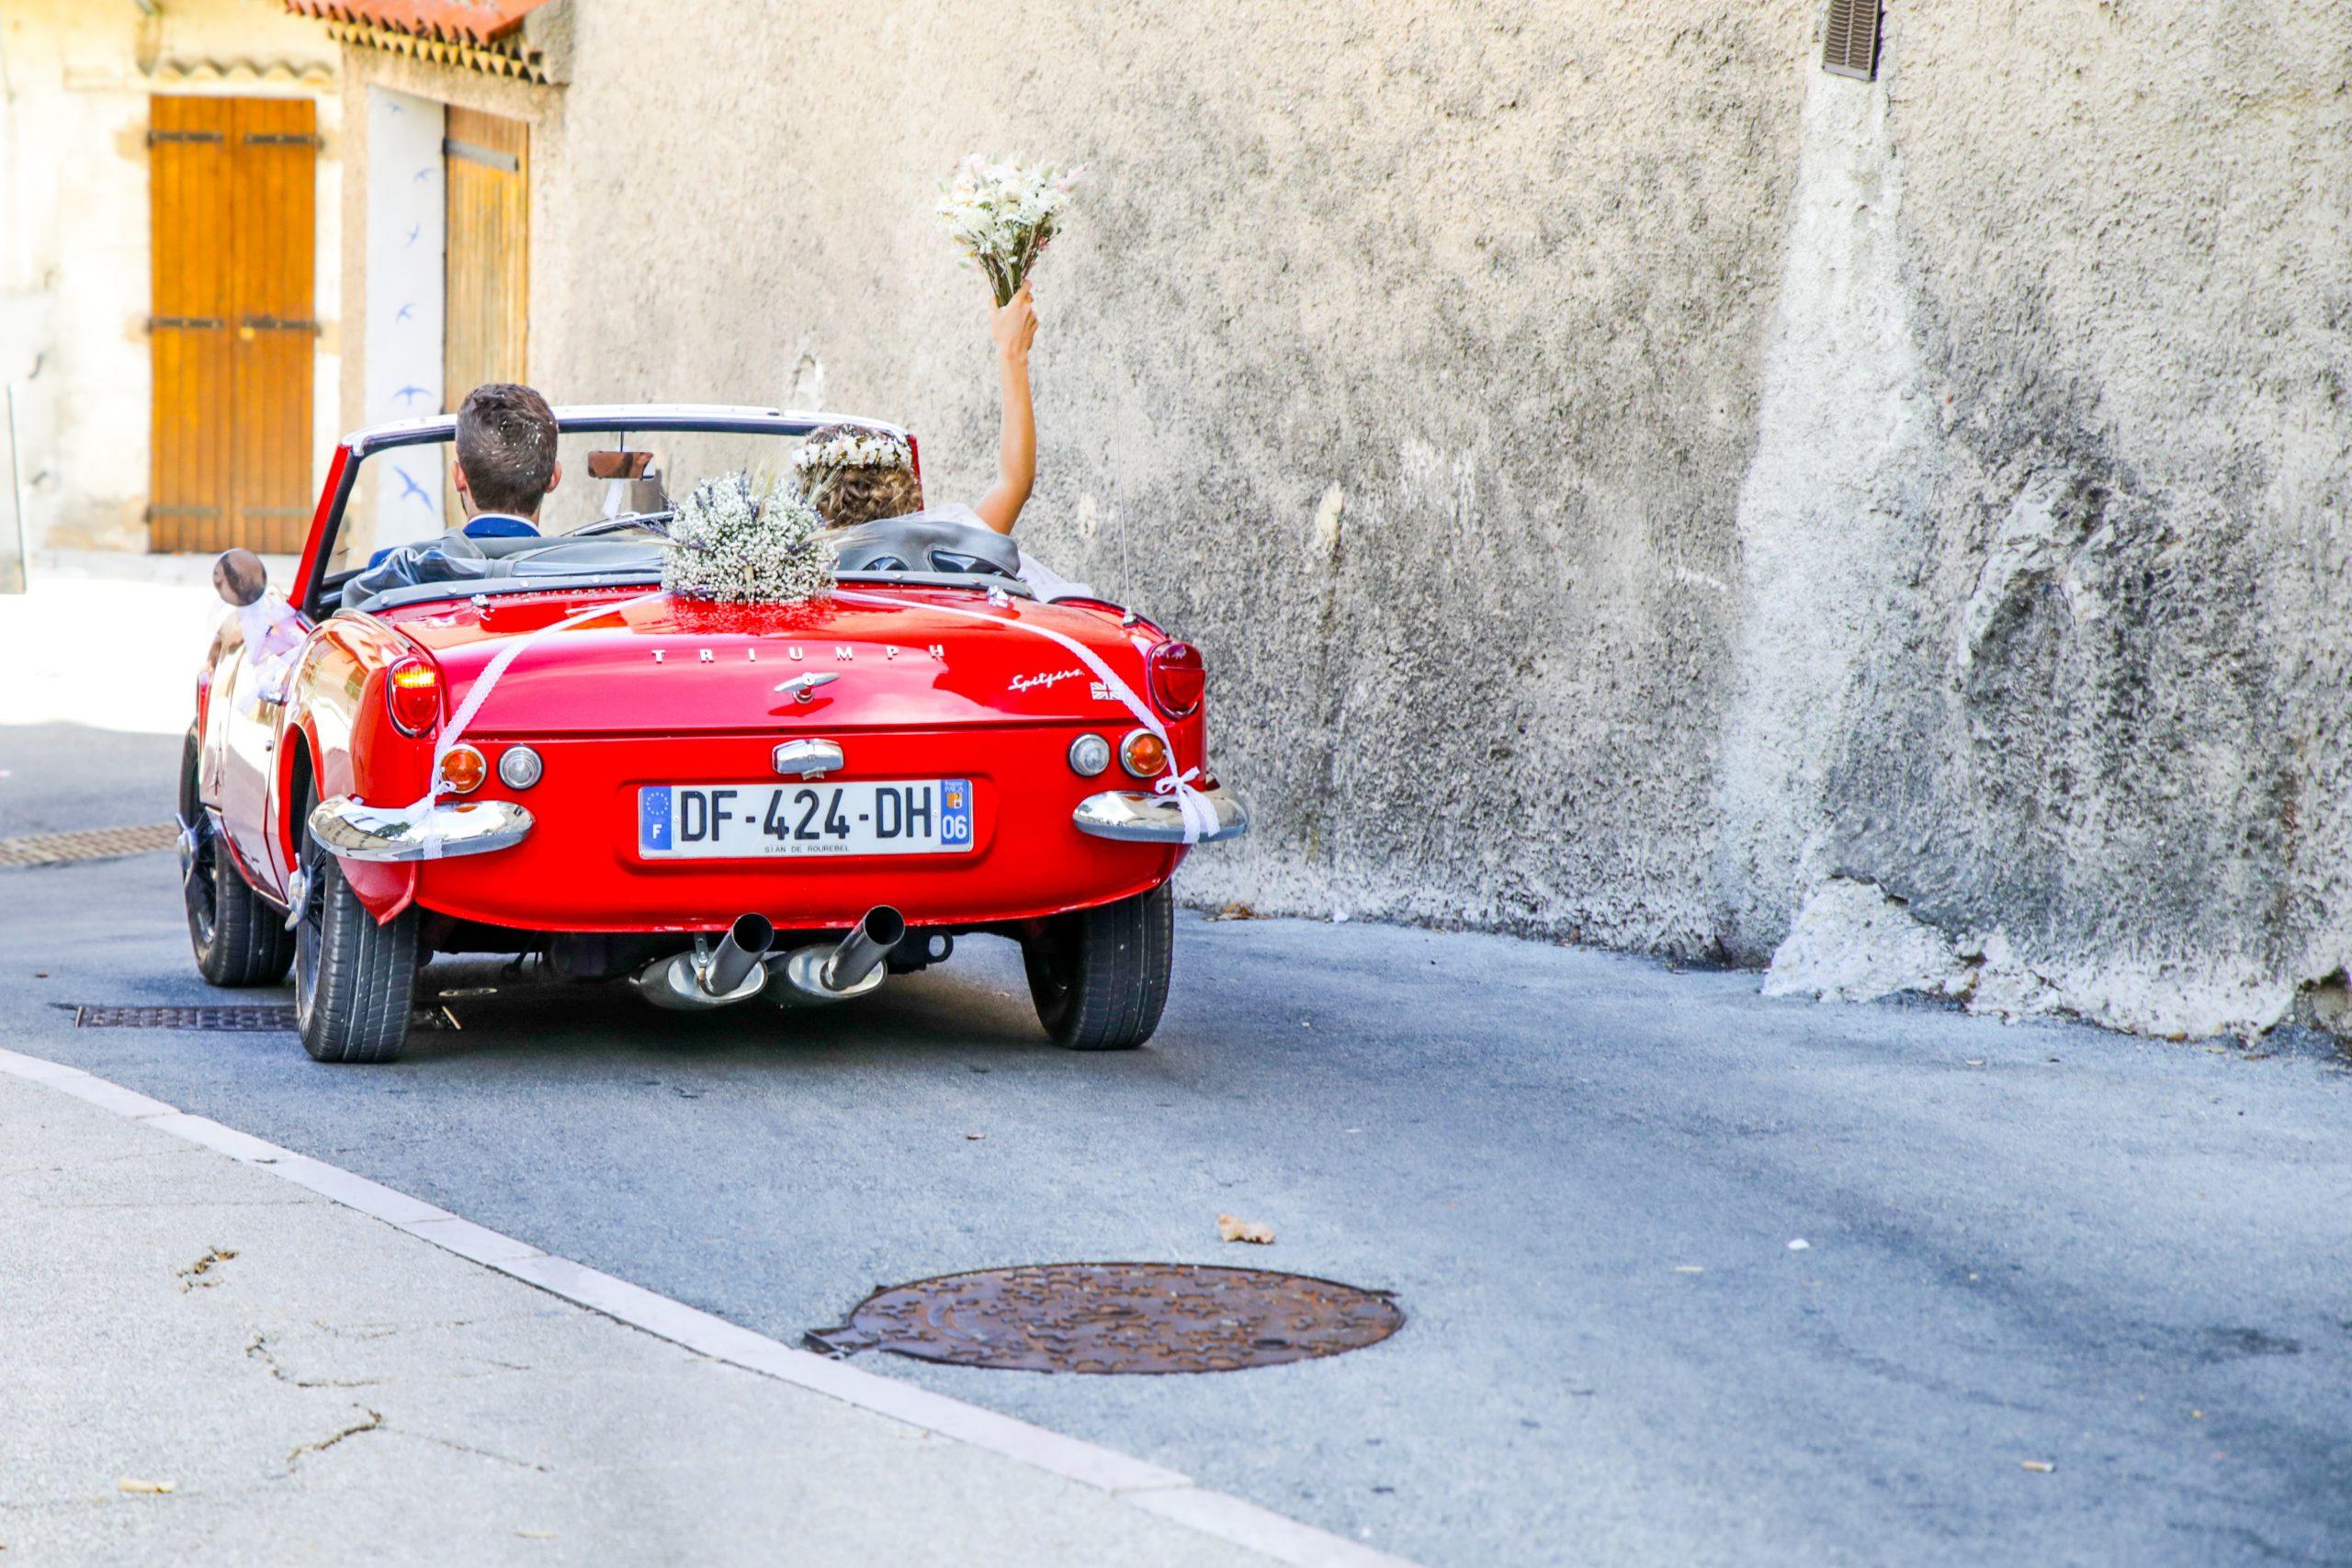 Photographie mariage - Photographe mariage - Paris- Montpellier - Nice - original - couché du soleil - Mariage Hérault - séance couple - voiture Triumph rouge mariage